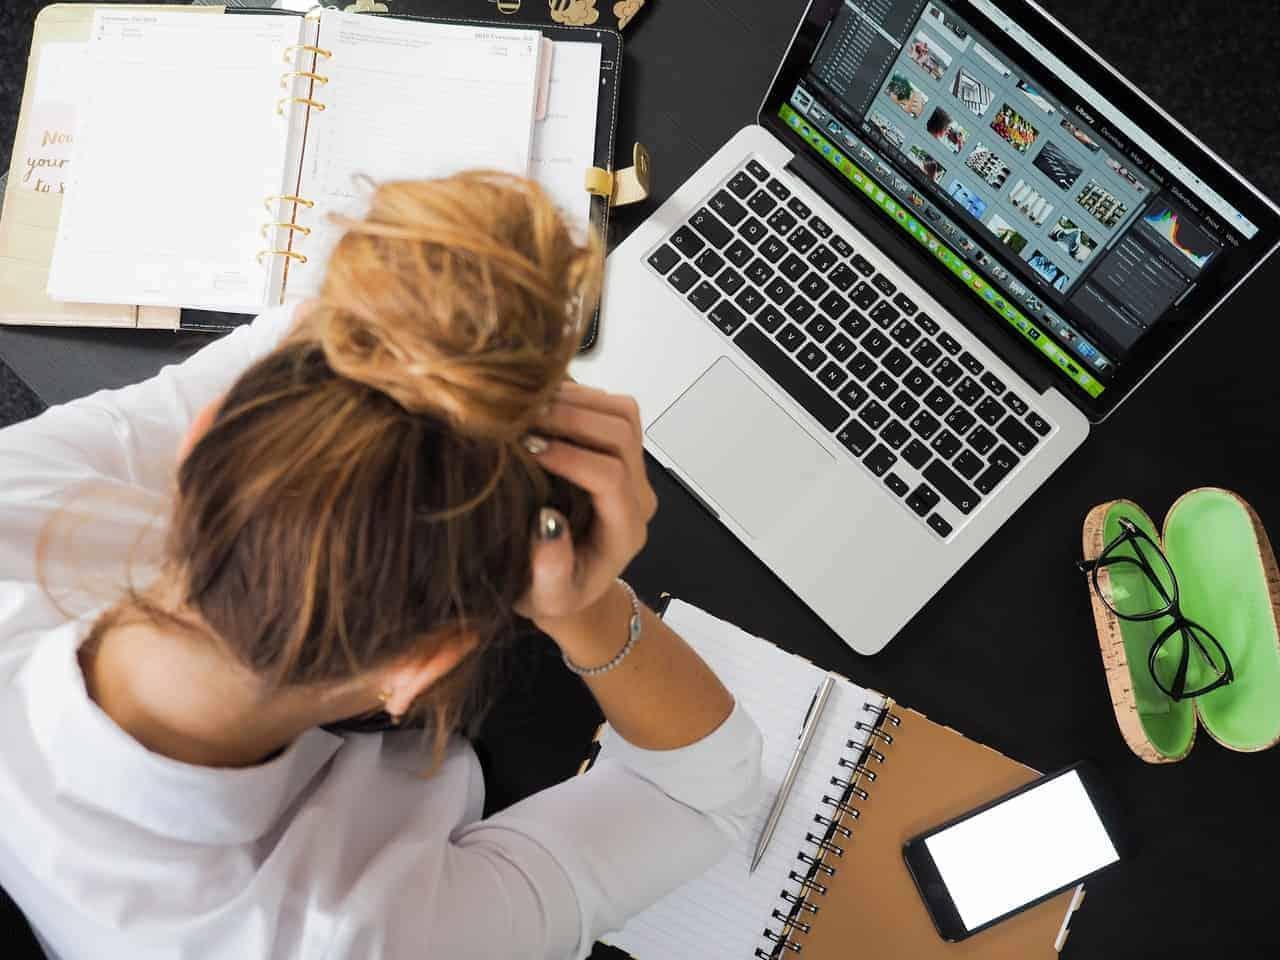 woman working hard